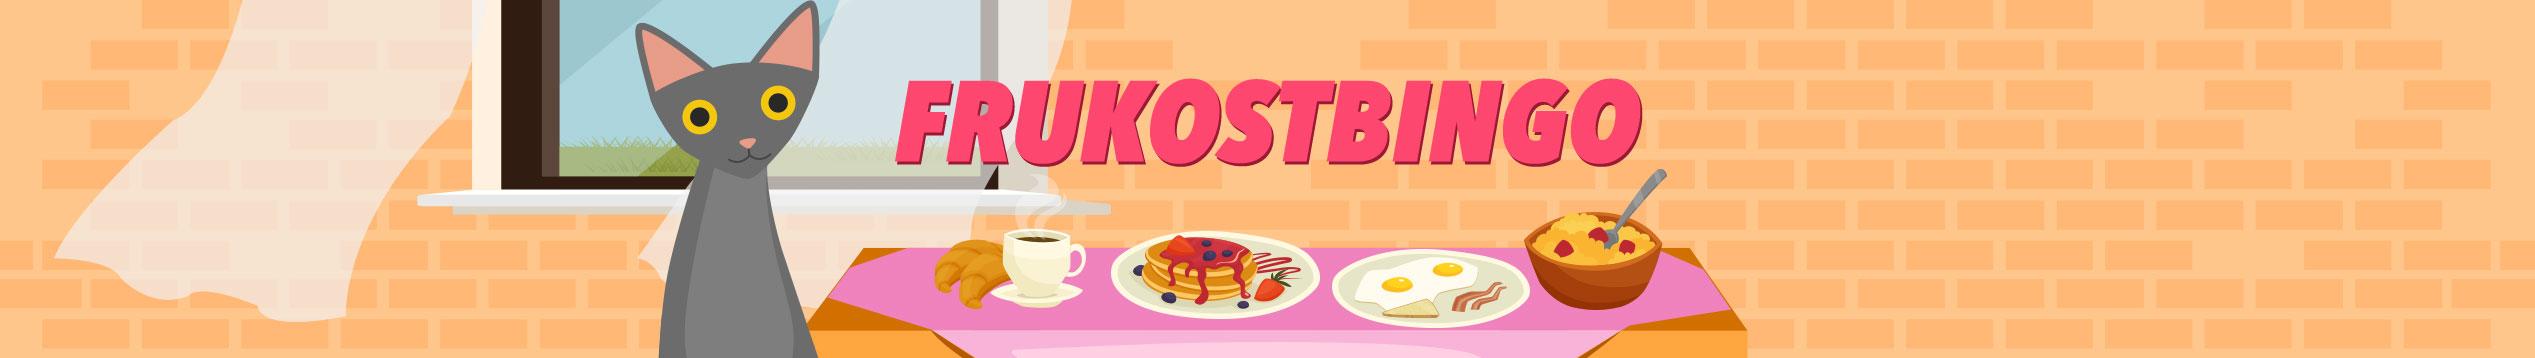 Spela frukostbingo på lördag & söndag mellan kl. 8-10